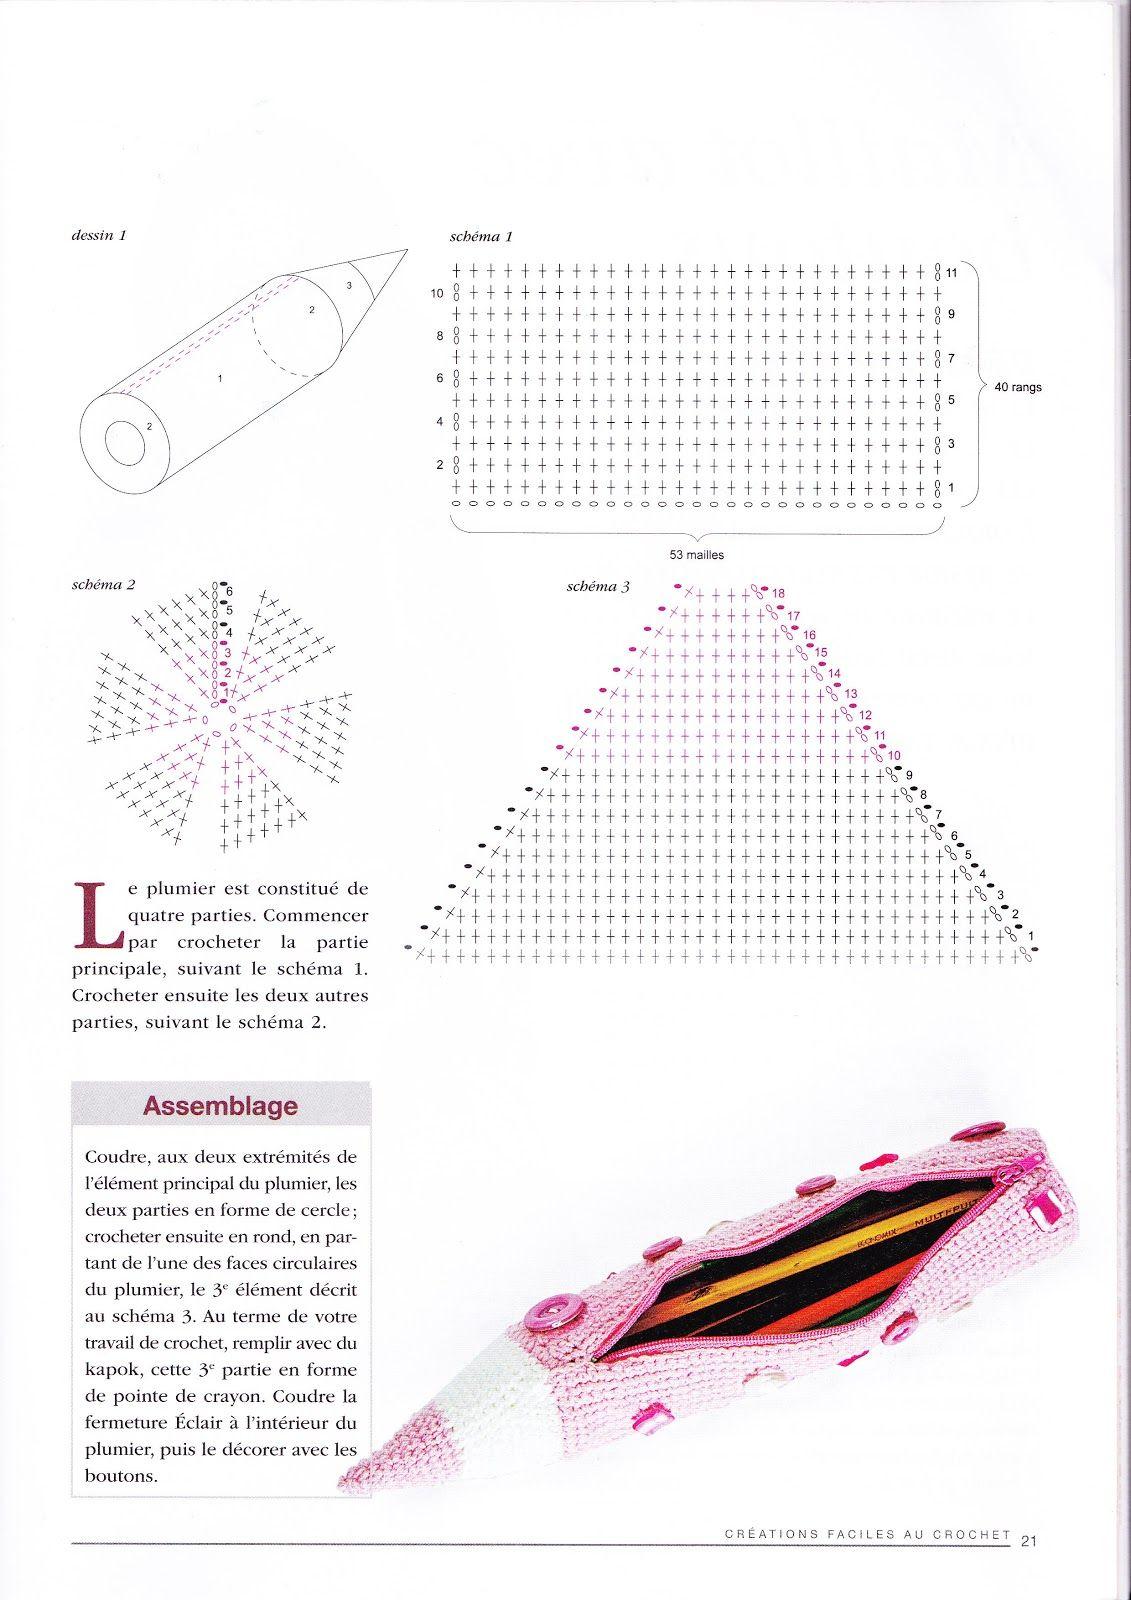 Pin de Silvi Cerrudo en Juguetes Ami | Pinterest | Croché, Ganchillo ...